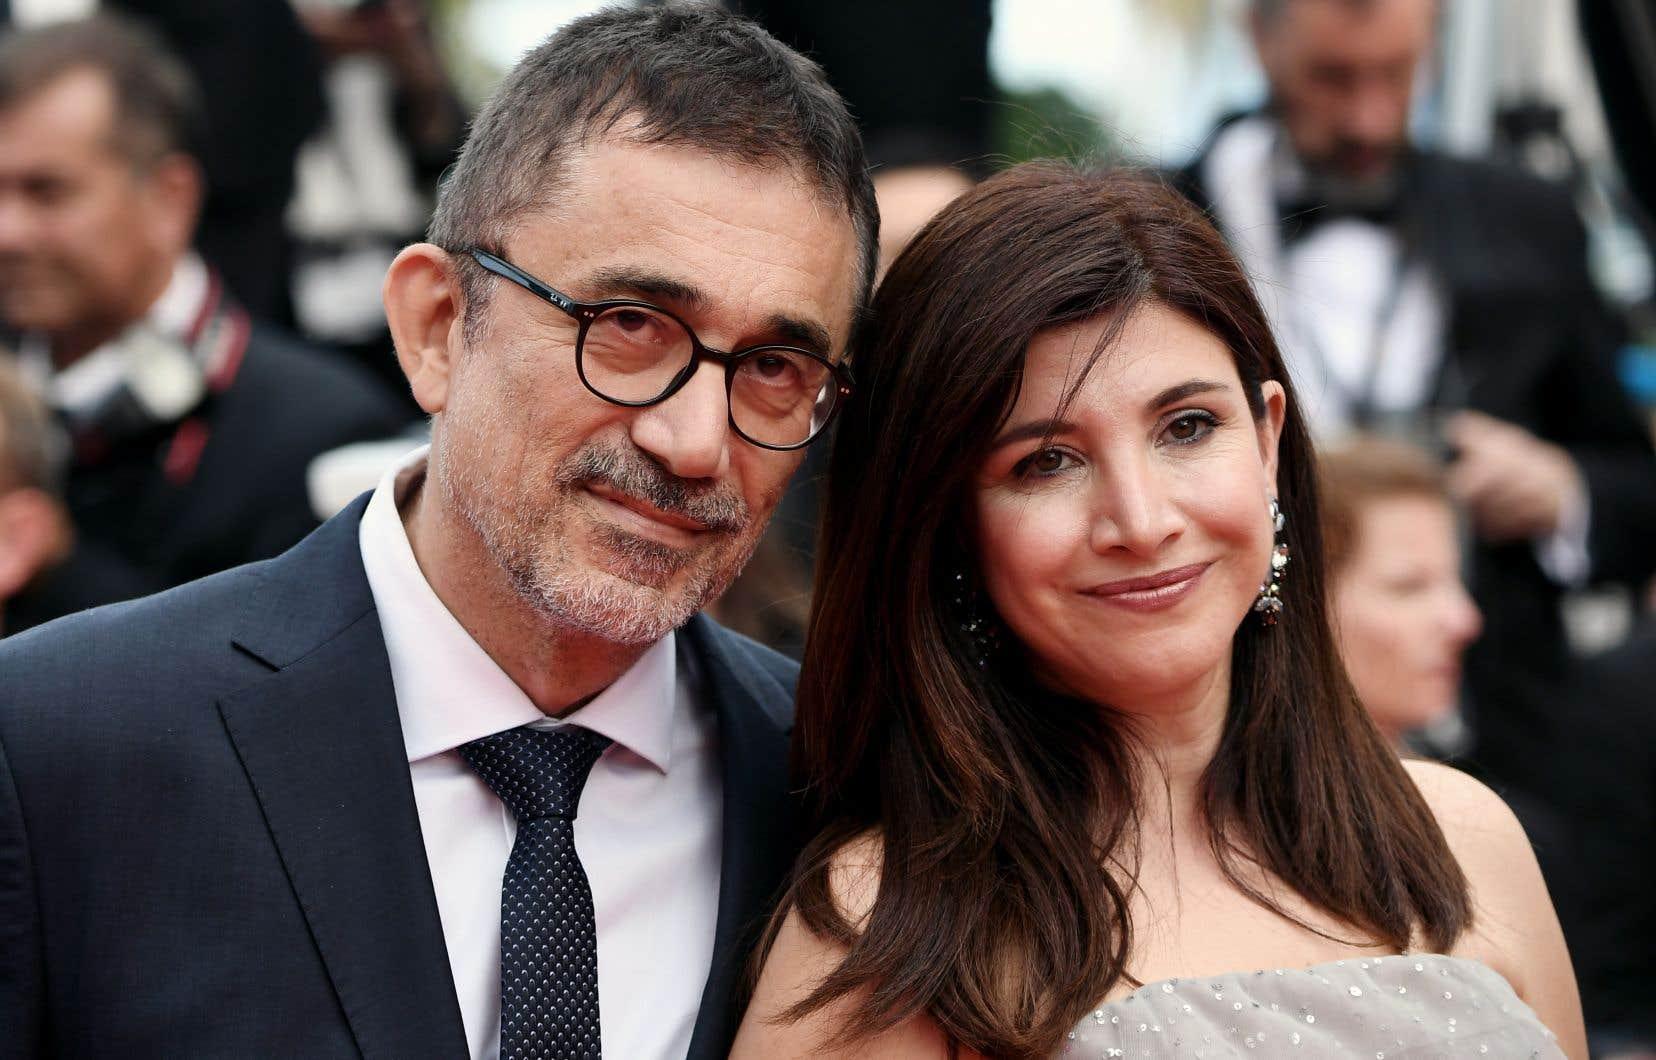 Le réalisateur du «Poirier sauvage», Nuri Bilge Ceylan, aux côtés de sa femme, l'actrice Ebru Ceylan, à Cannes, vendredi